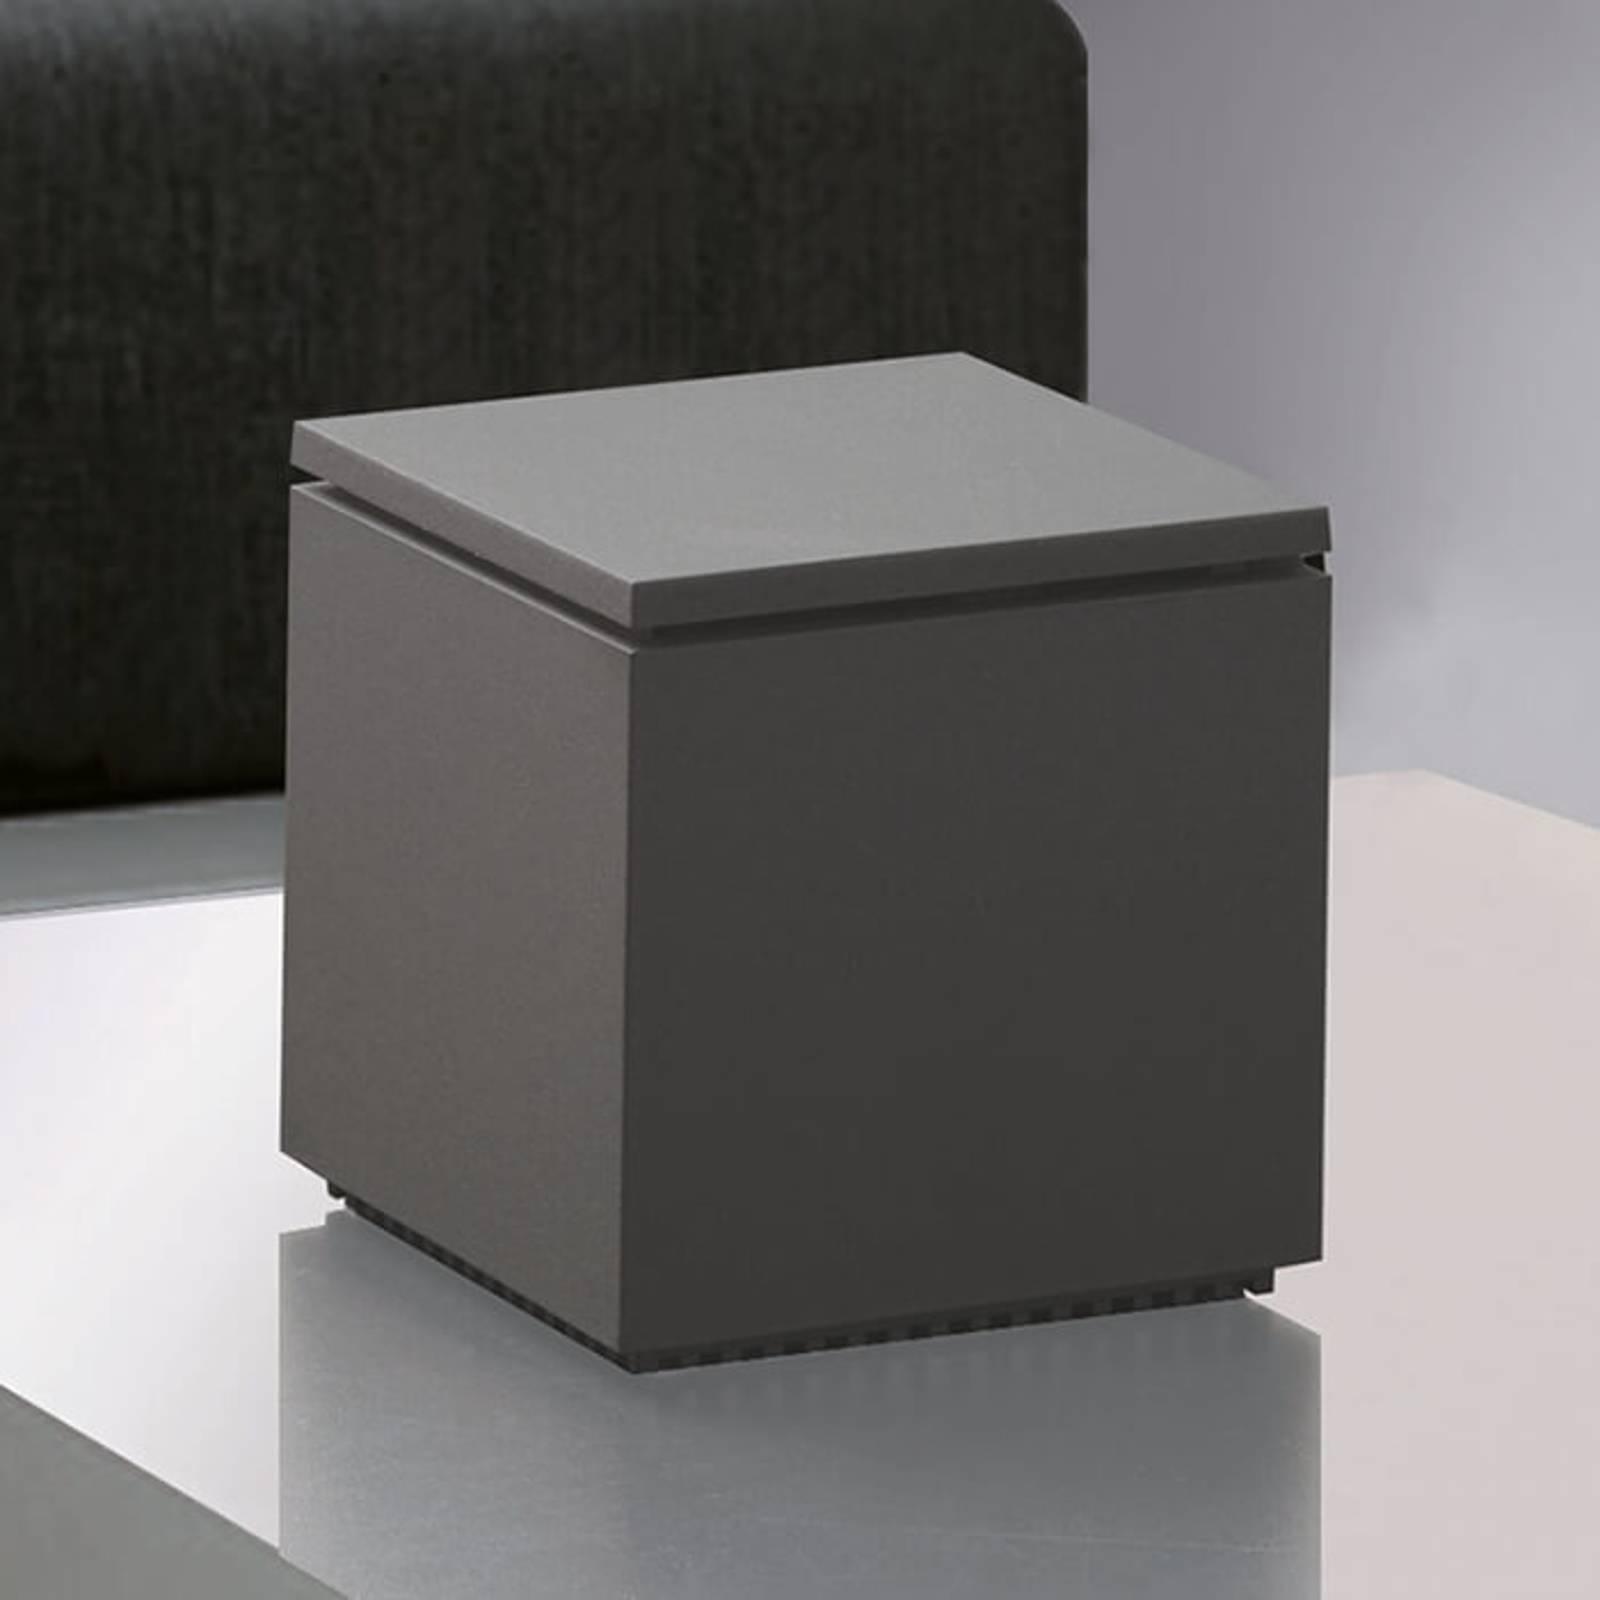 Lampe à poser LED Cuboled anthracite, cubique